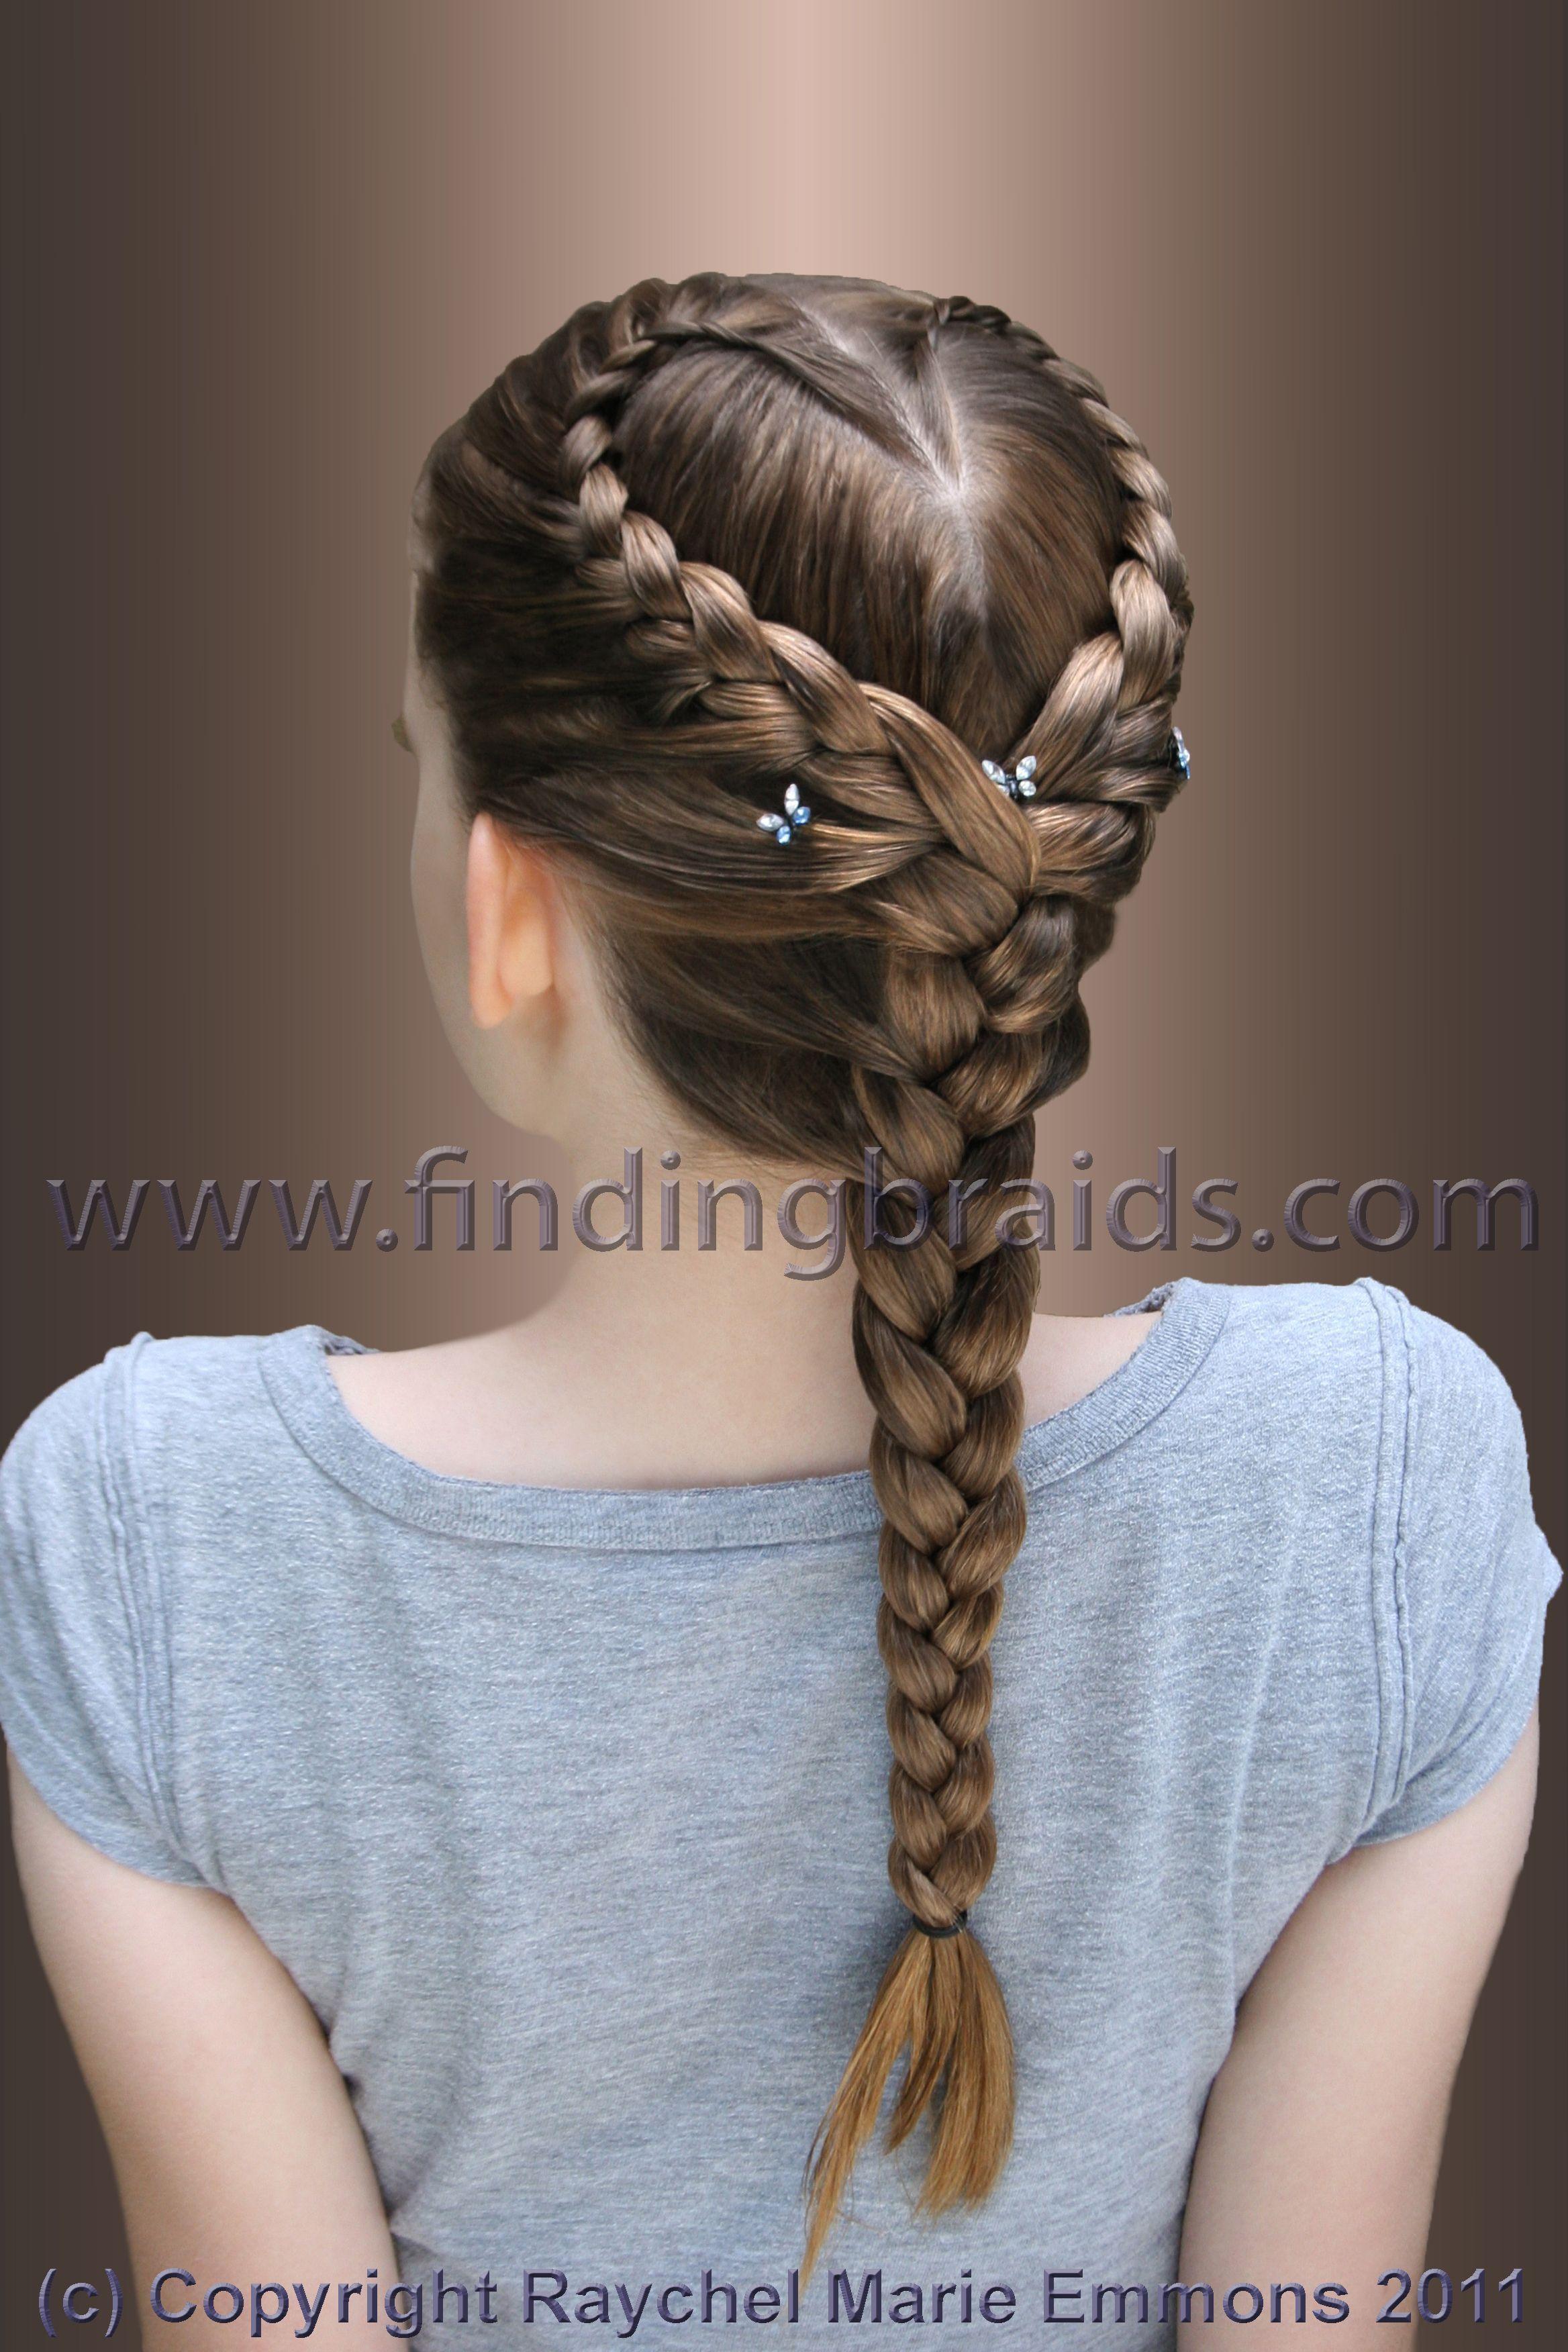 Schöne Herz Braid Frisur - Frisur  Geflochtene frisuren